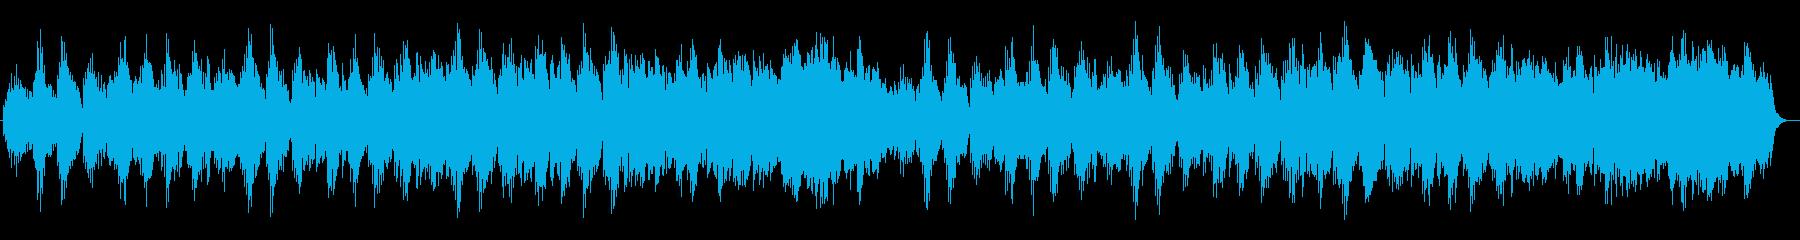 幻想的で神秘的なヒーリングミュージックの再生済みの波形